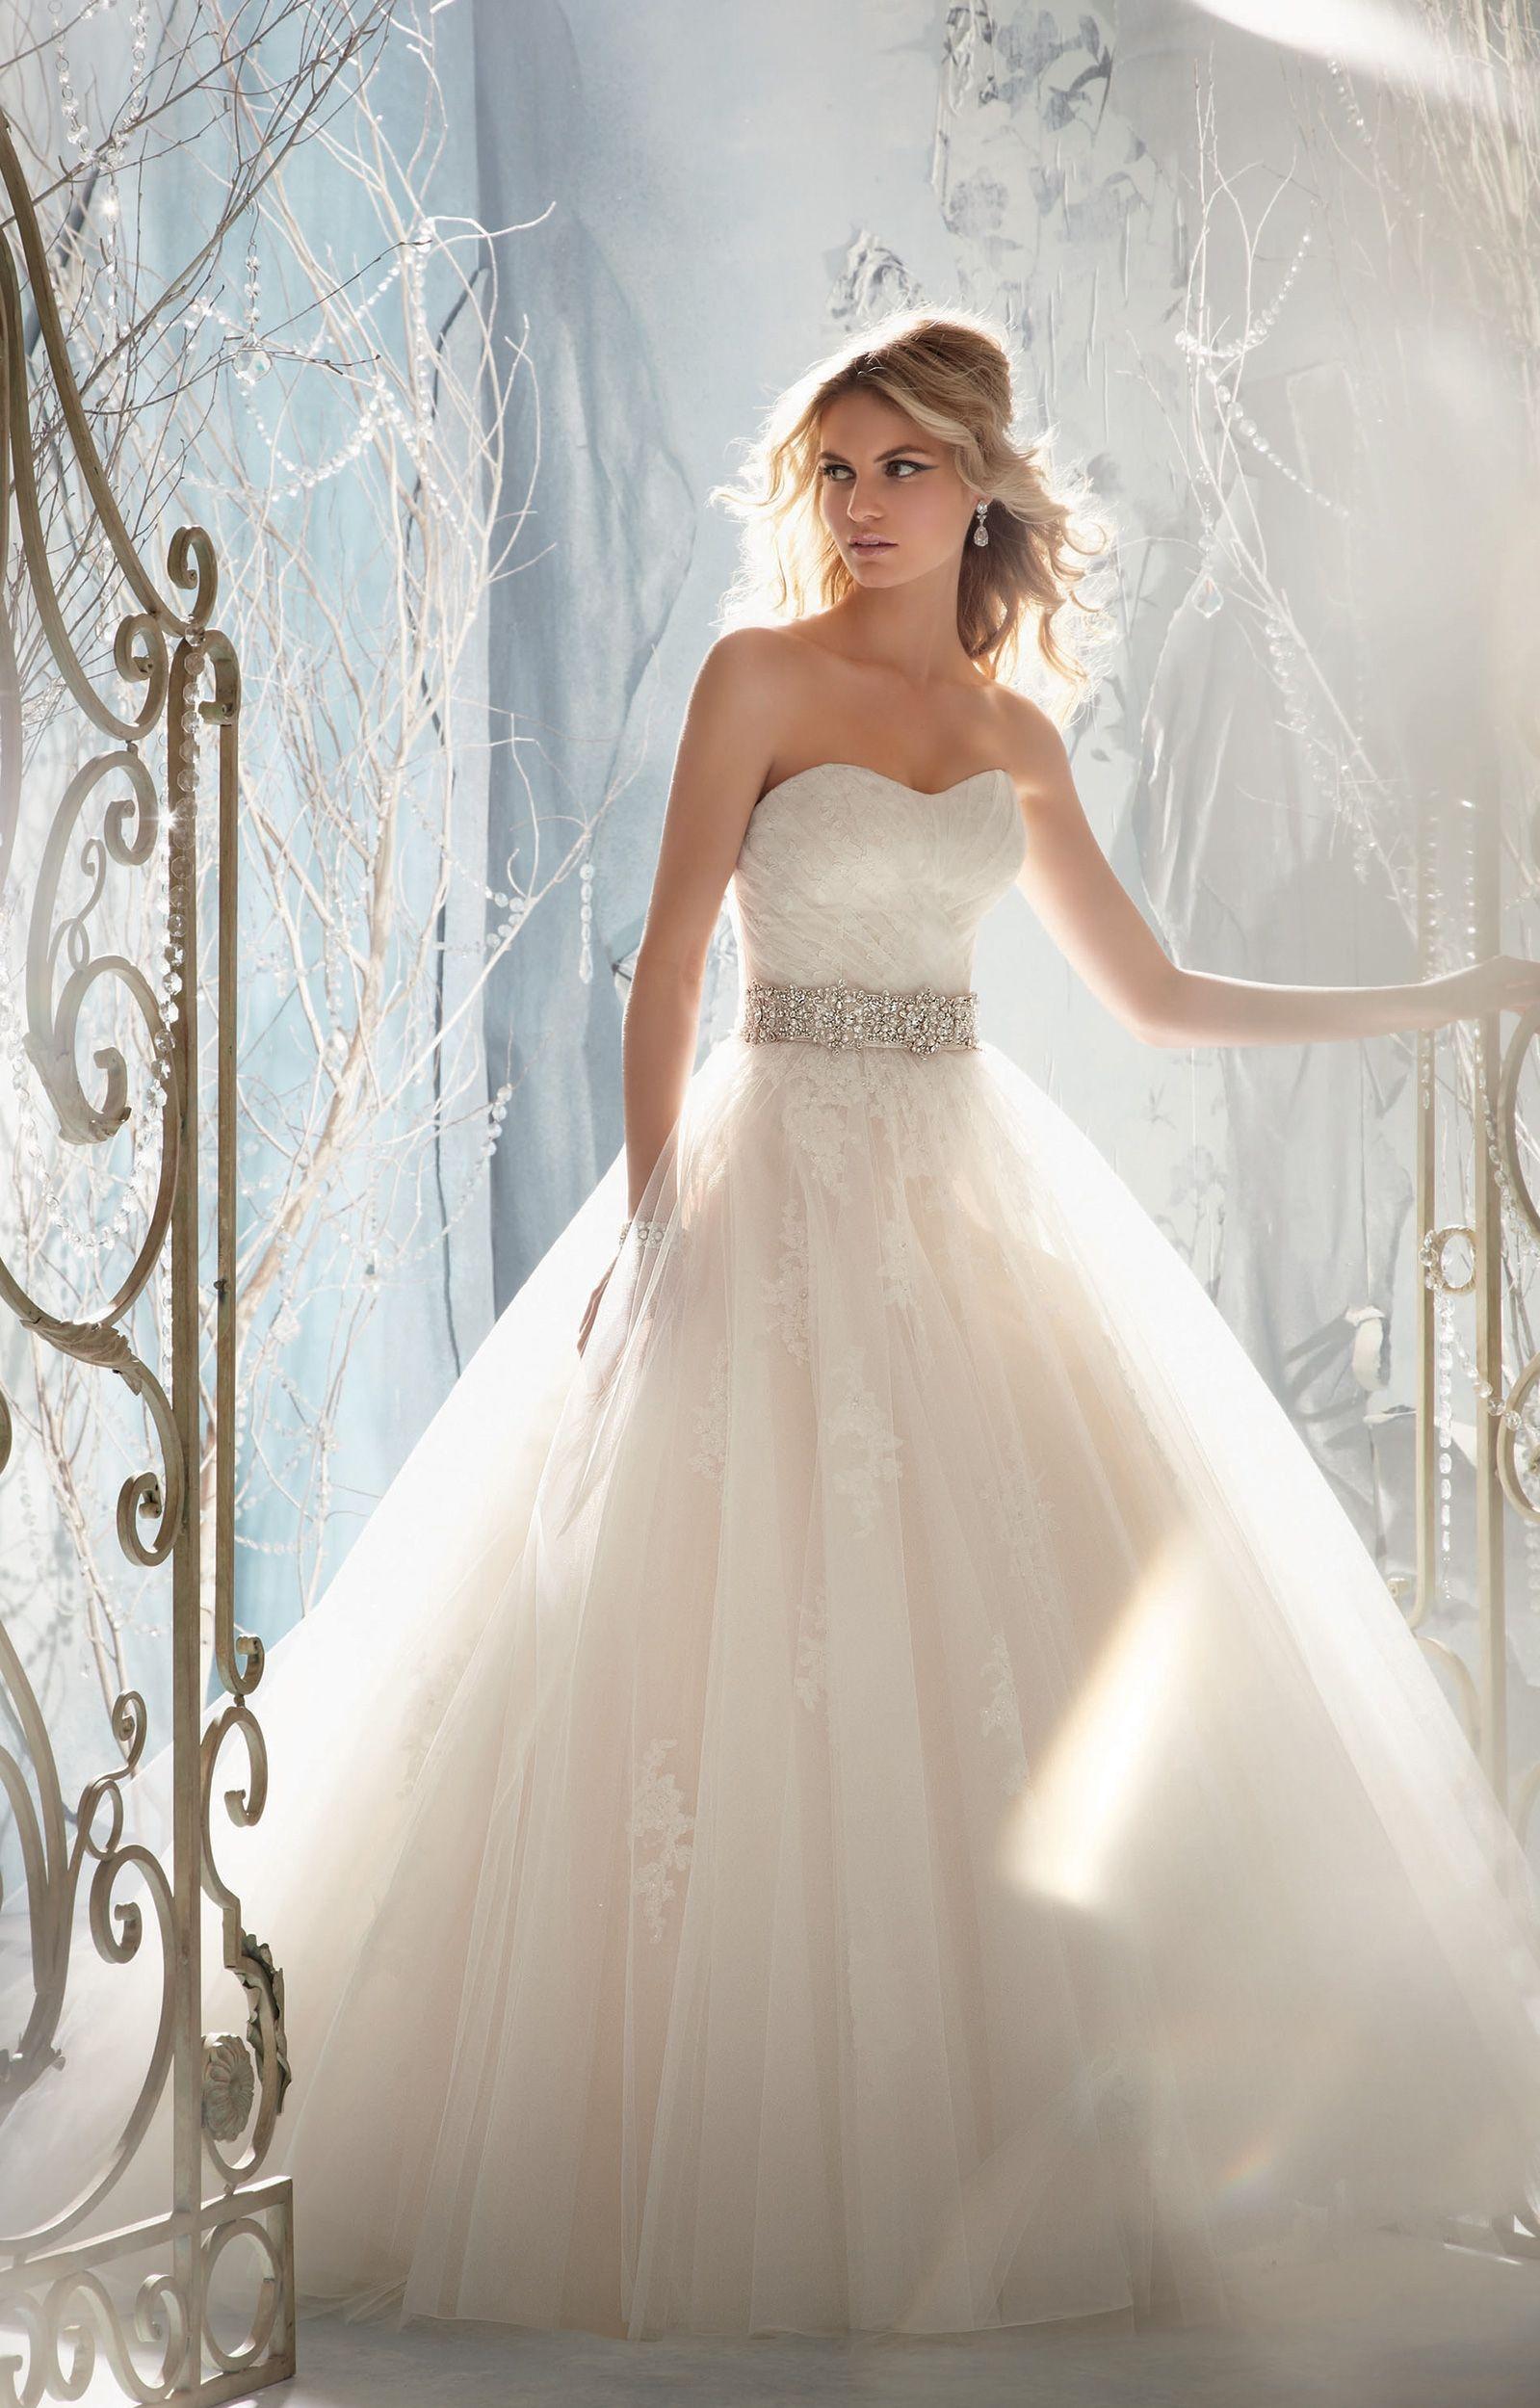 Pin by Irene Kacerik on Wedding ideas | Pinterest | Fairytale ...